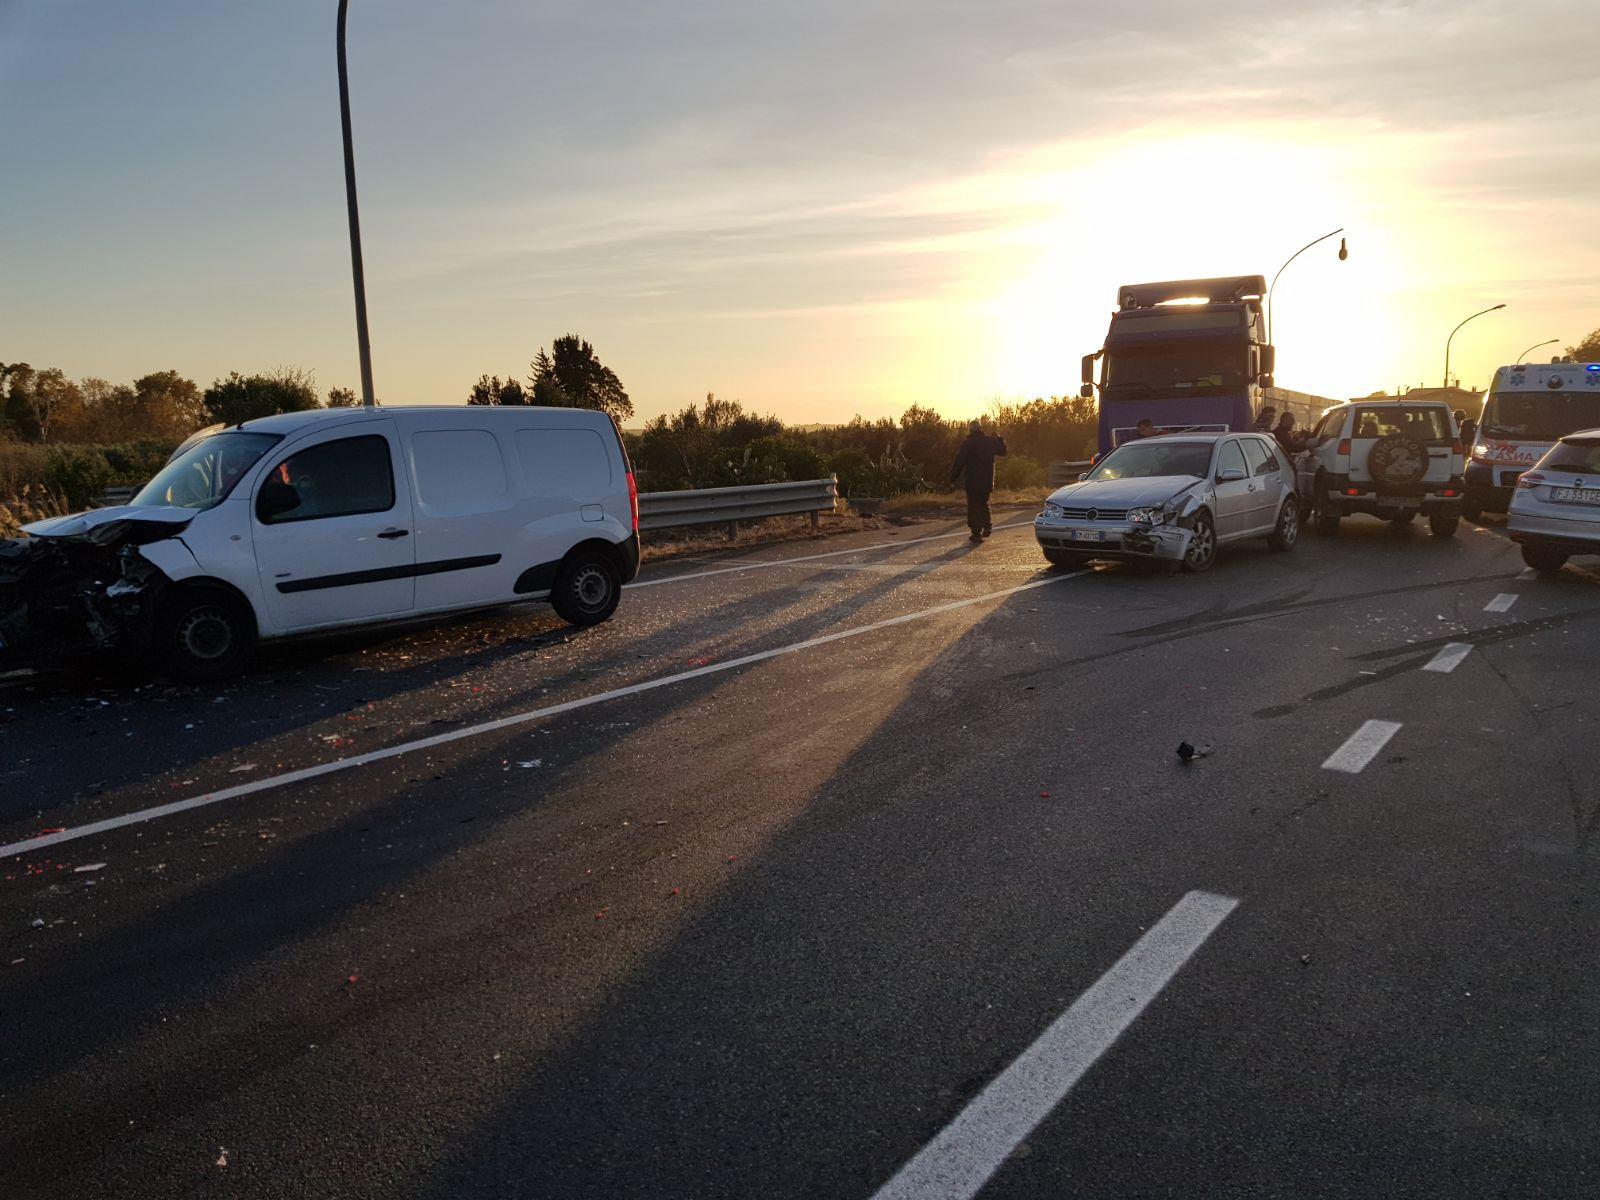 Violento scontro sulla statale 106 nel CatanzareseQuattro veicoli coinvolti, ferita anche una bambina